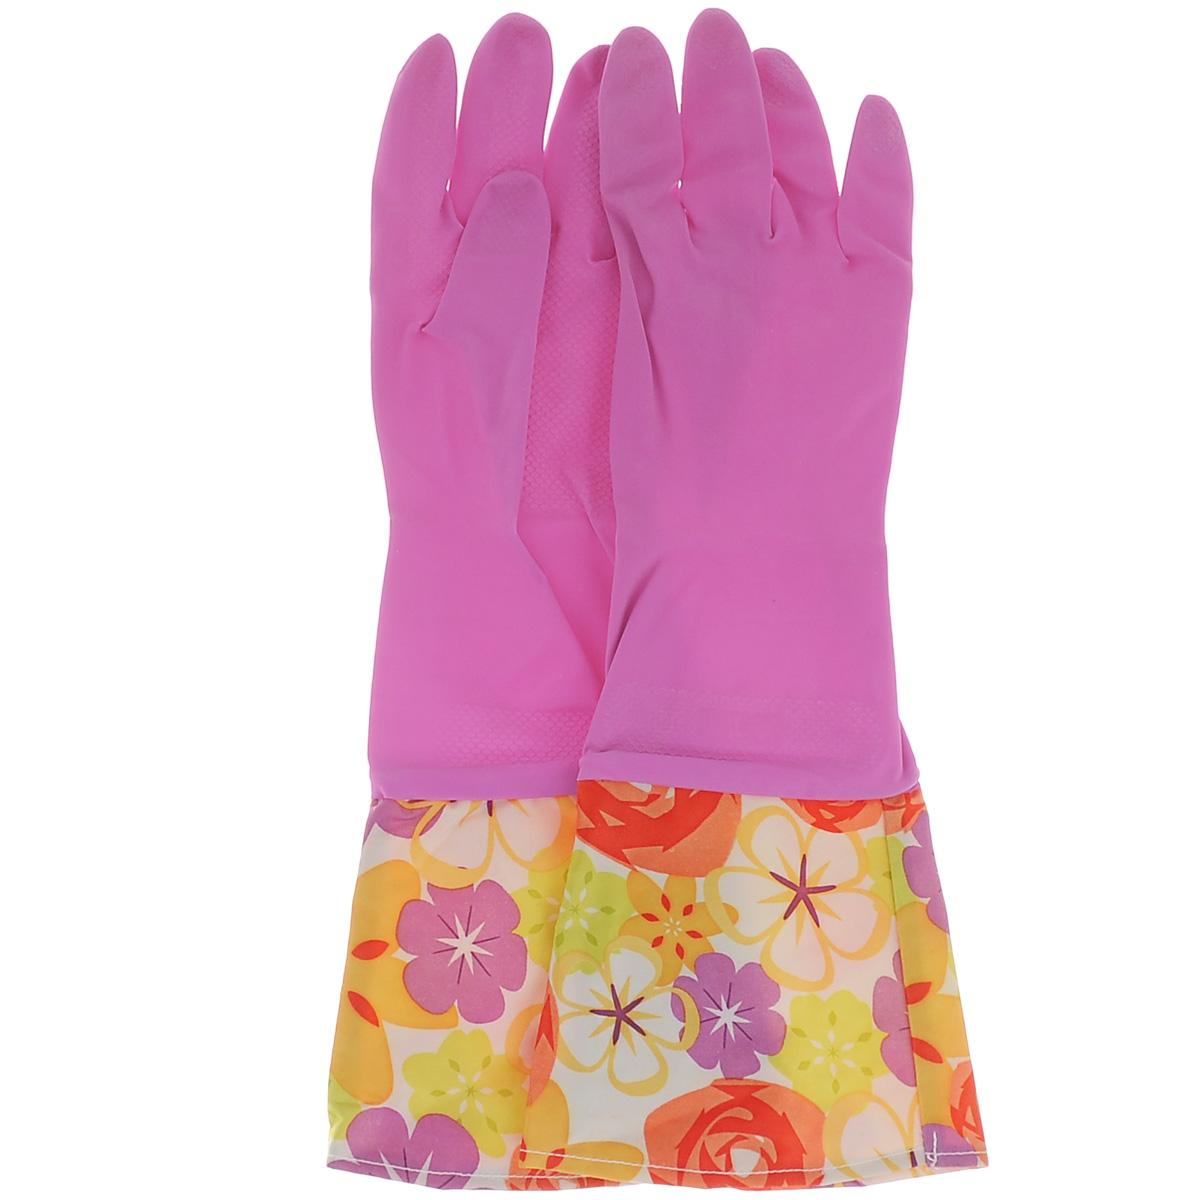 Перчатки хозяйственные Celesta, с удлиненными манжетами, цвет: розовый. Размер L5071Перчатки Celesta незаменимы при различных хозяйственных работах. Внутреннее хлопковое покрытие обеспечивает комфорт рукам и защищает от раздражений. Высокие манжеты препятствуют попаданию воды и грязи. Благодаря рифленой поверхности удобно удерживать мокрые предметы.